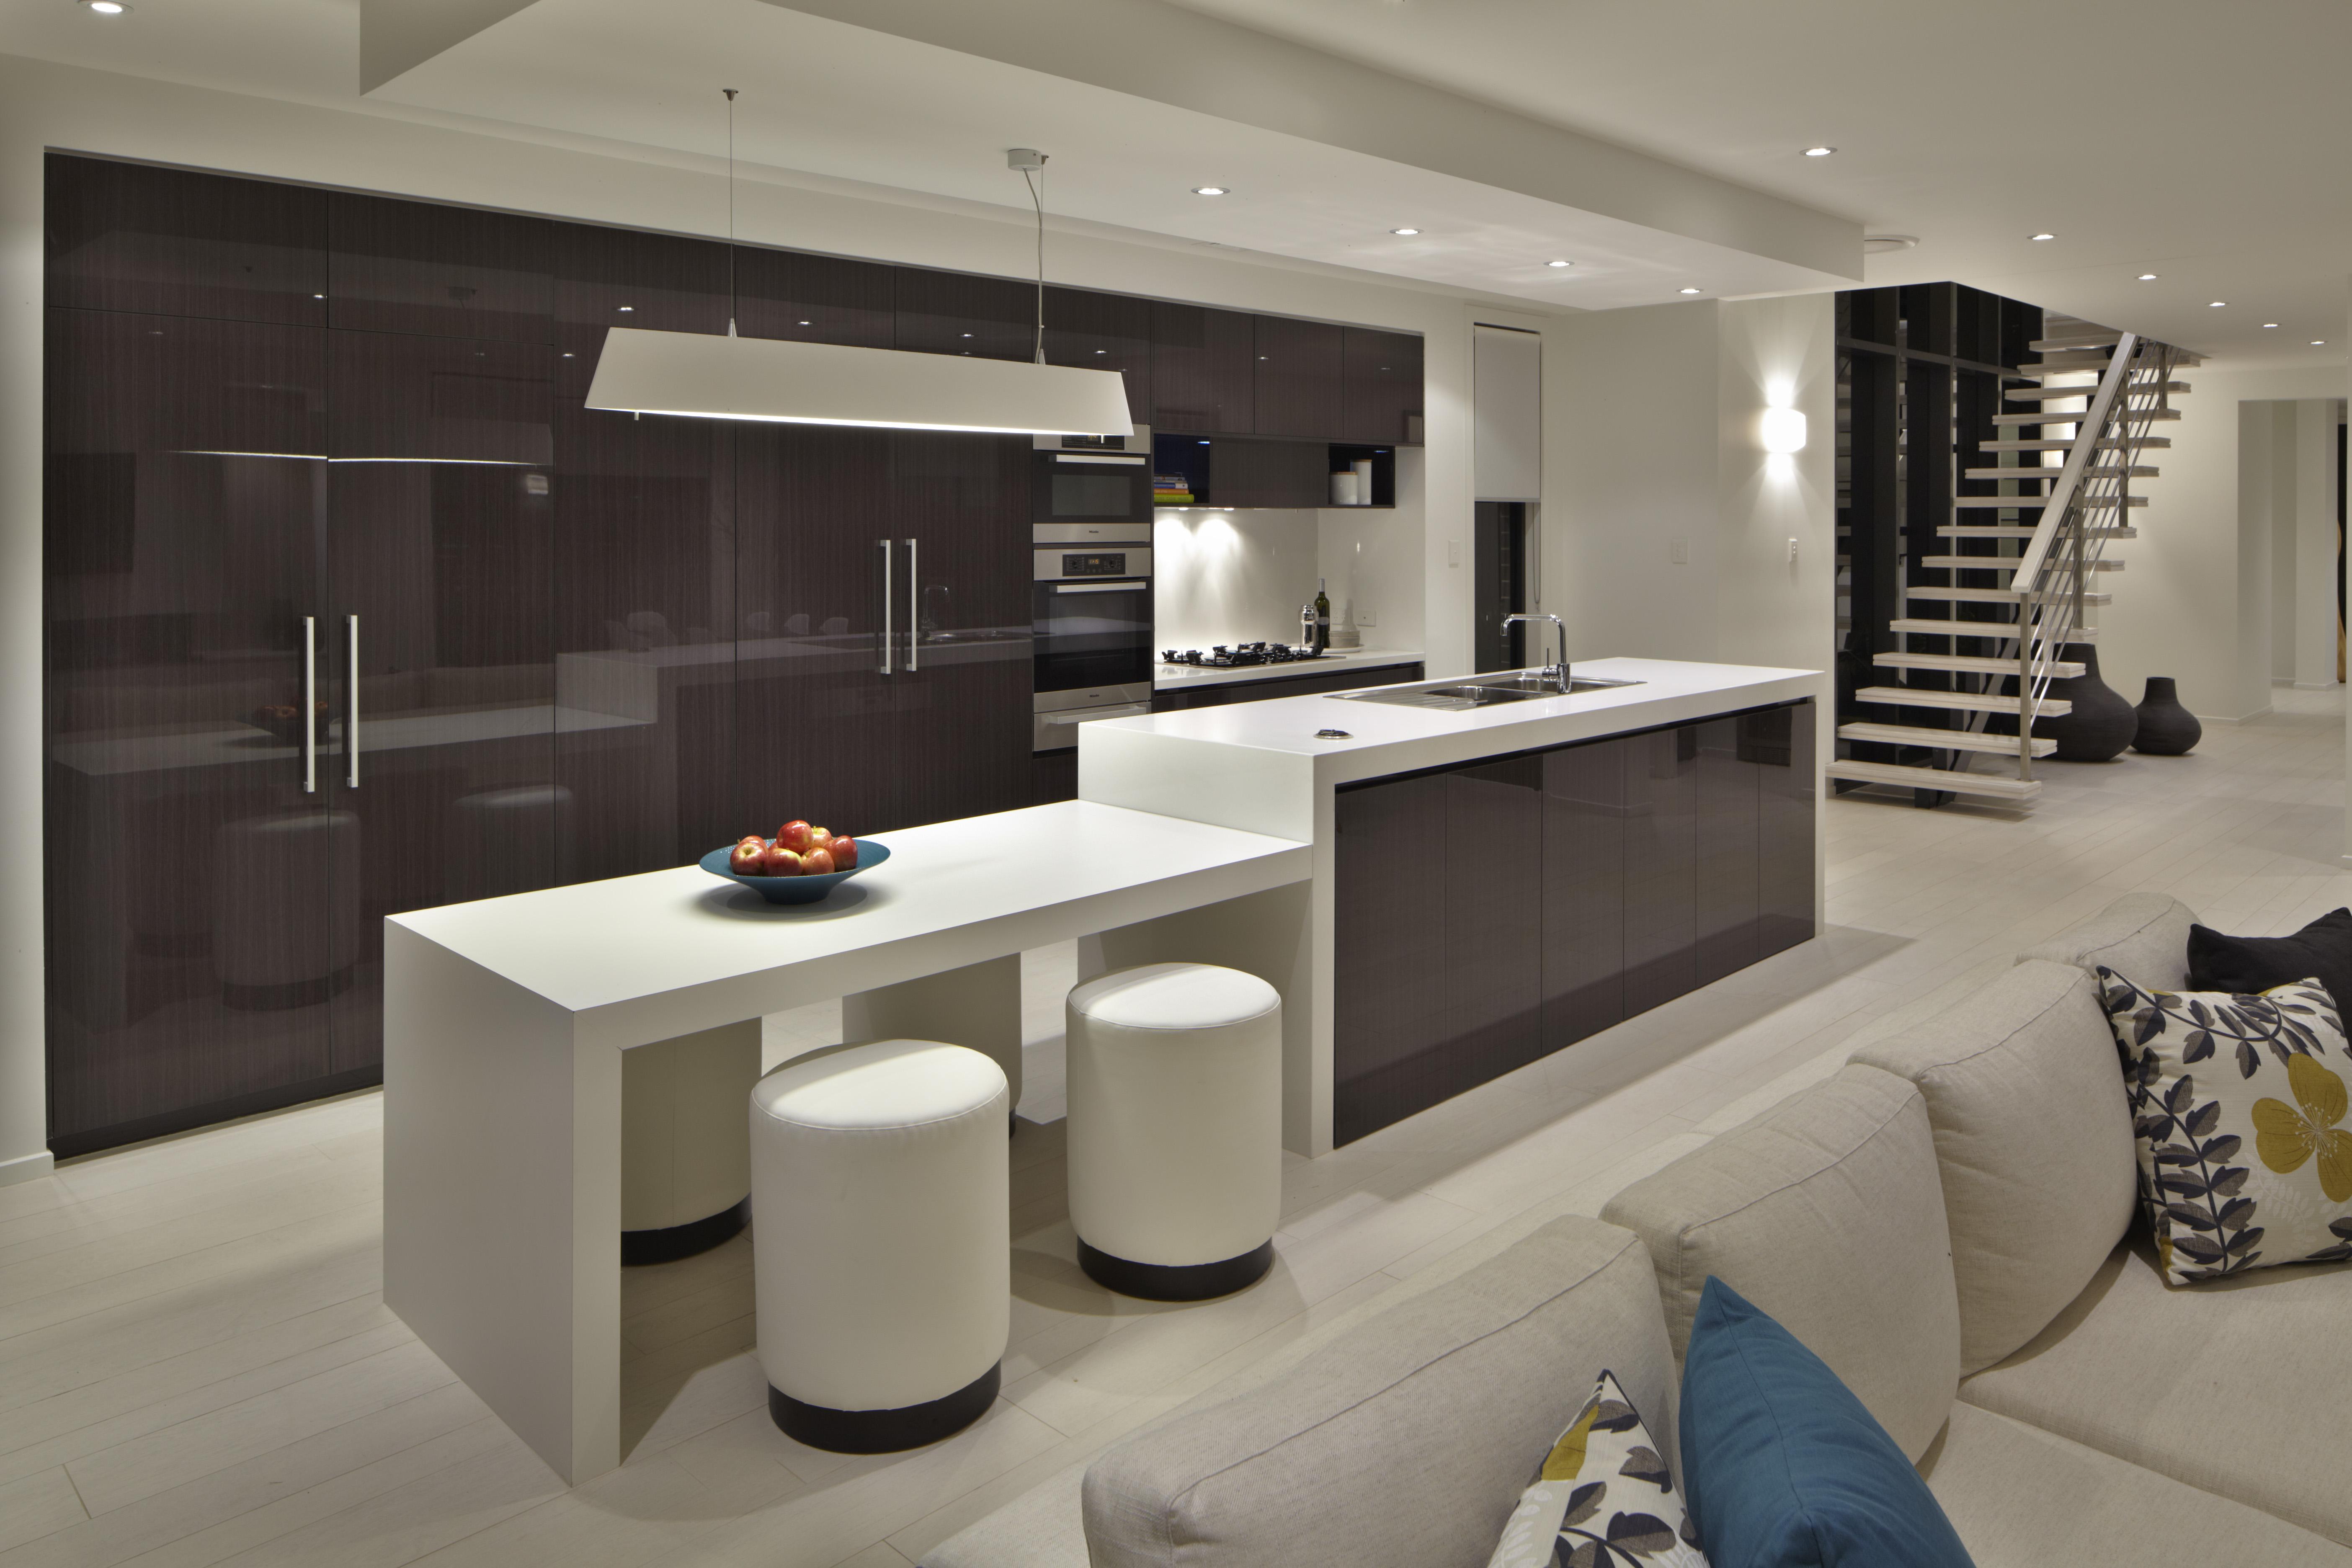 Architectural masterpiece: the kitchen